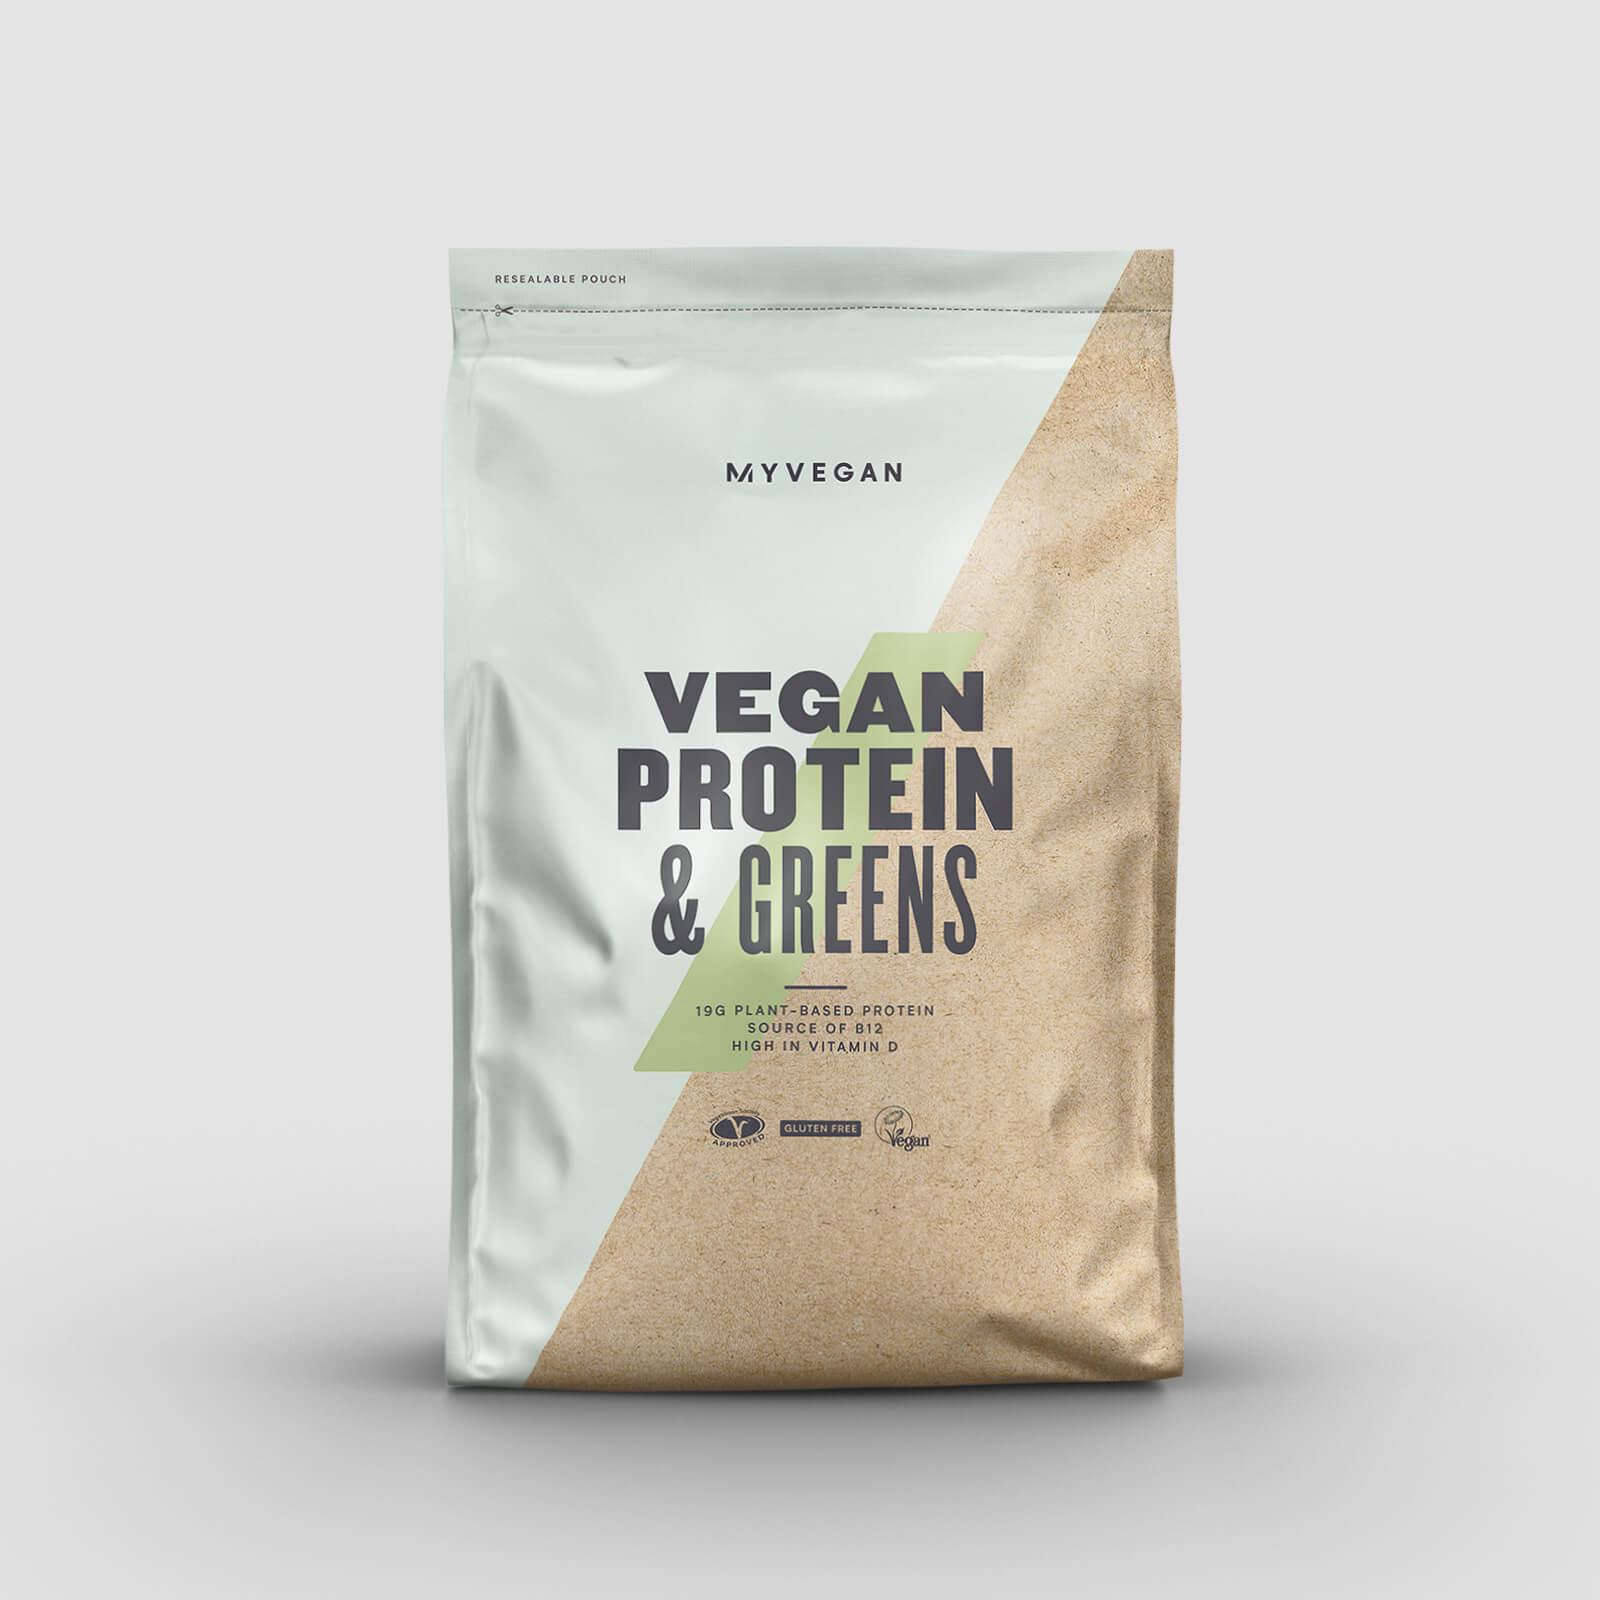 Myprotein Protéines végétaliennes et légumes verts - 500g - Coconut & Lime